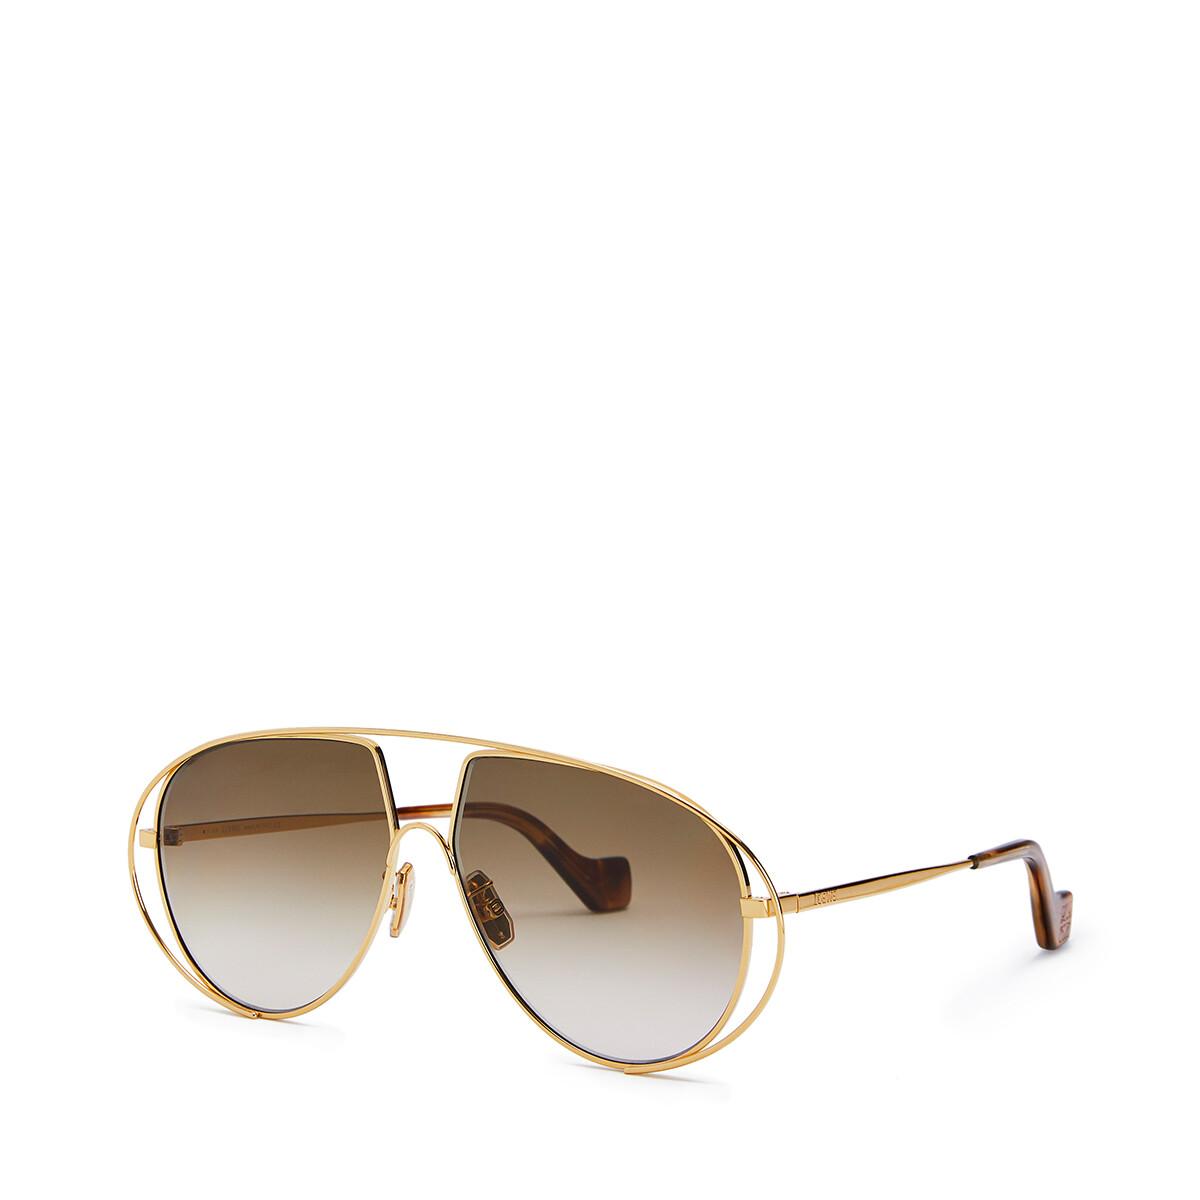 LOEWE Metal Pilot Sunglasses Sand front